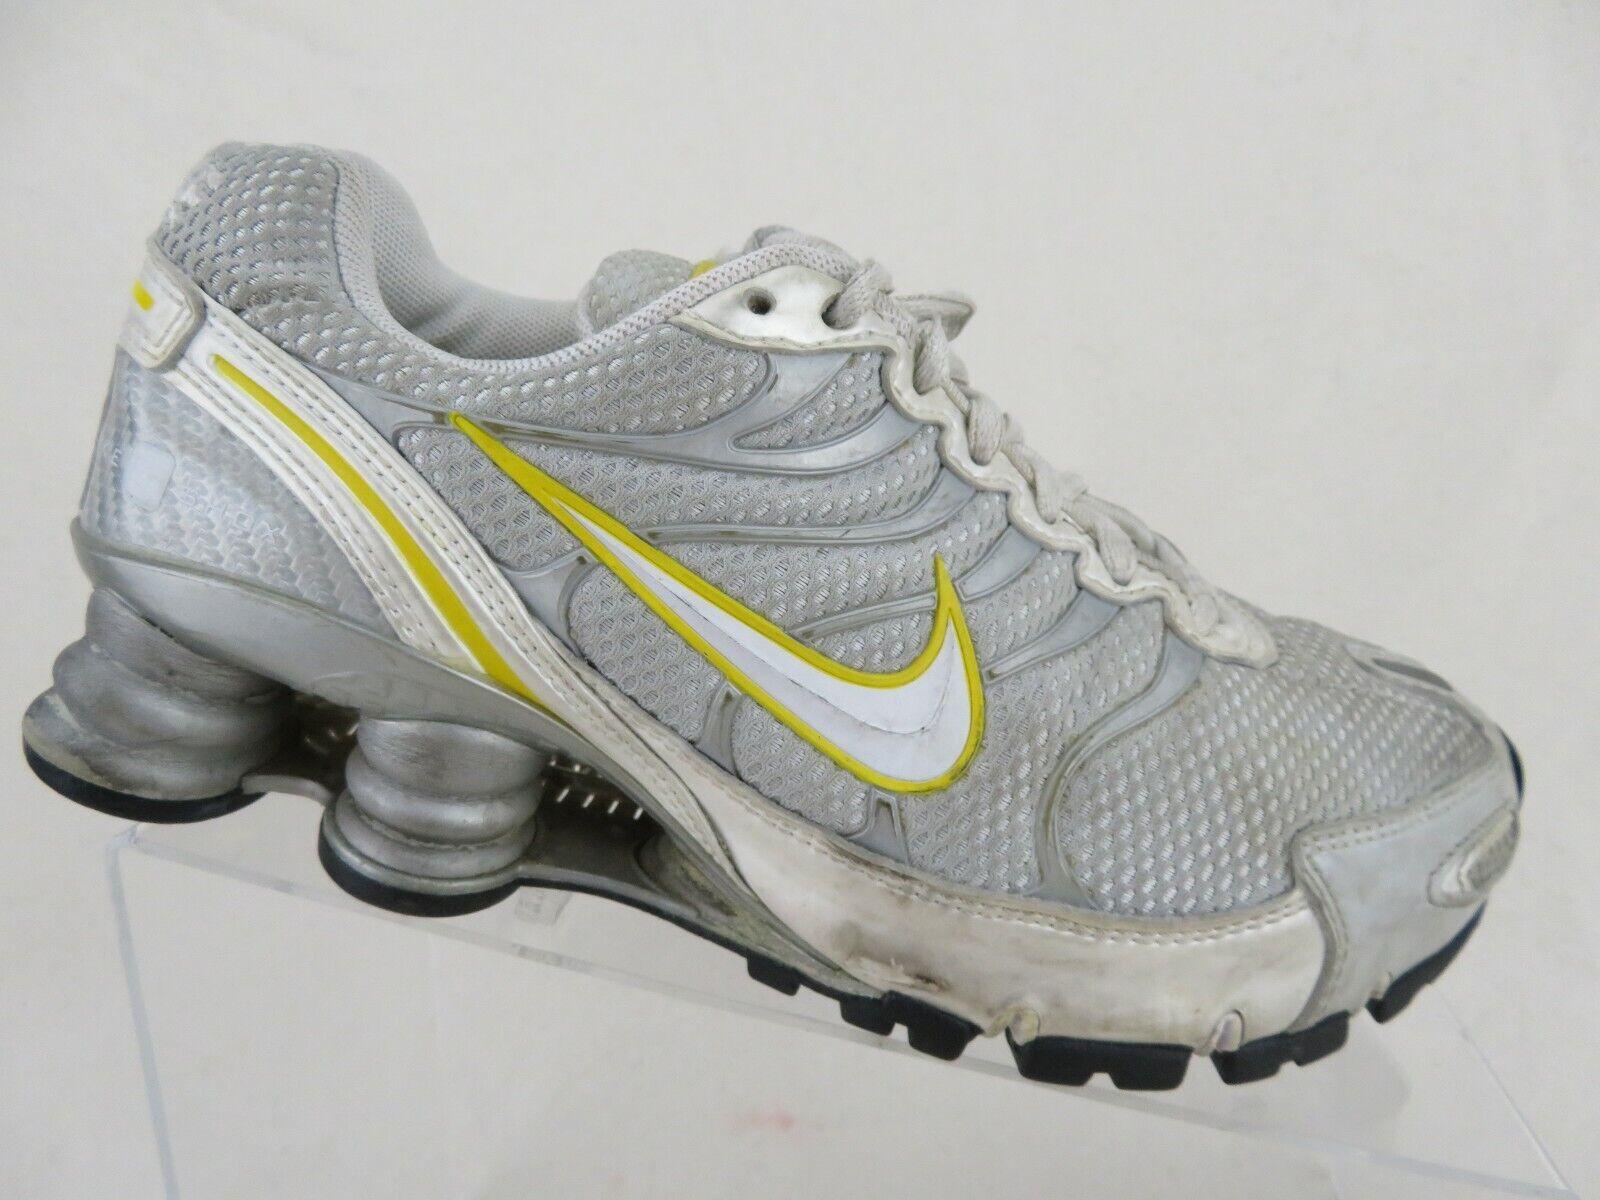 NIKE Shox NZ Livestrong Grey Yellow Sz 6 Women Running shoes